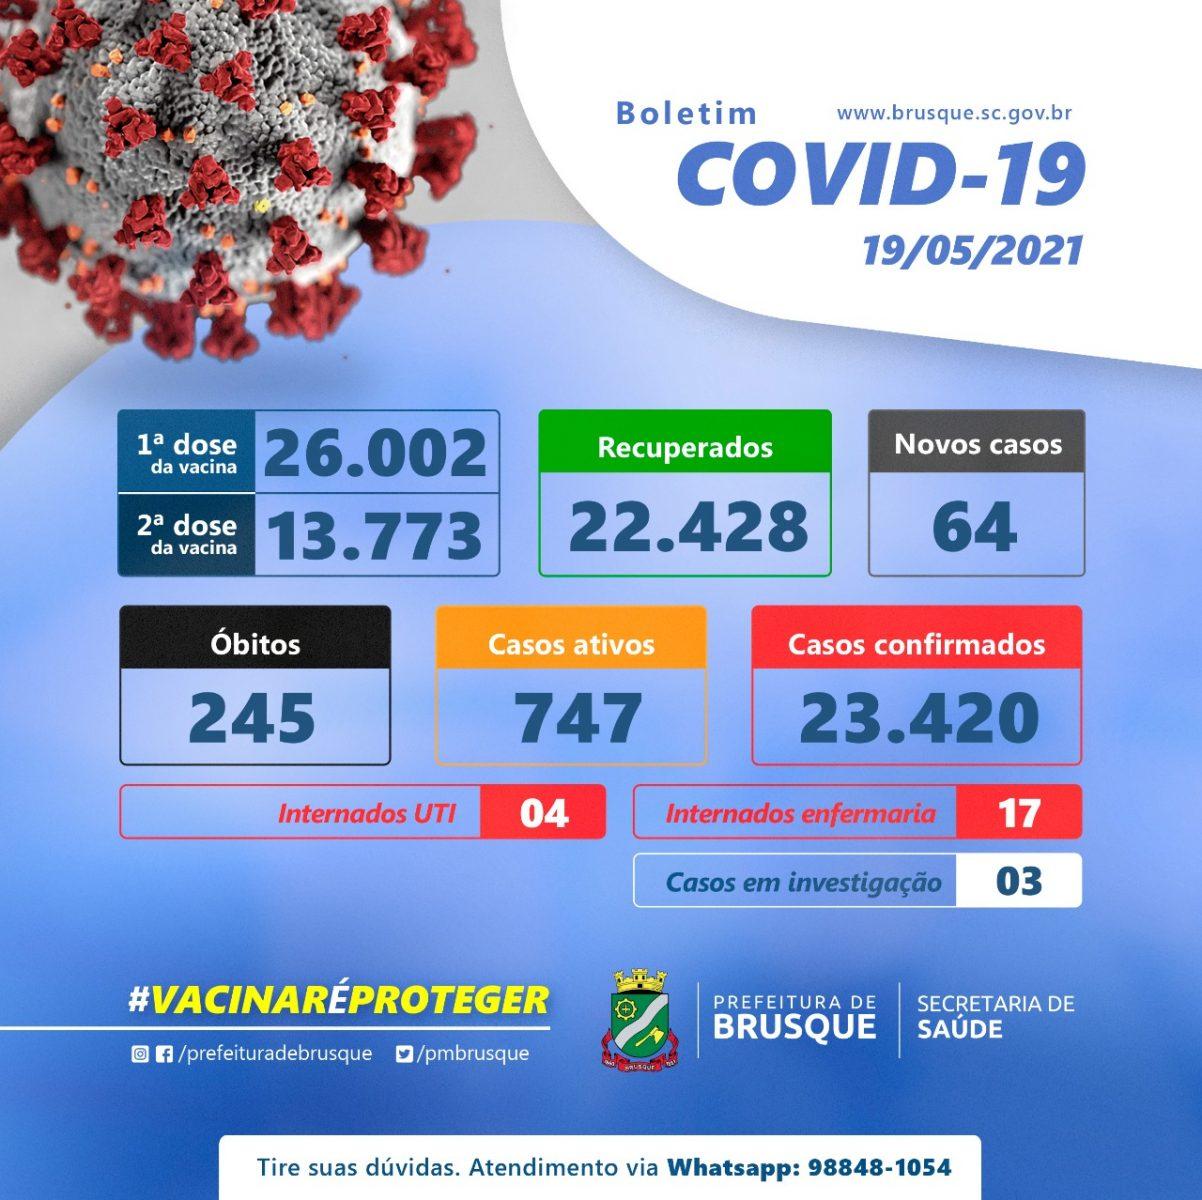 Covid-19: Confira o boletim epidemiológico desta quarta-feira (19)